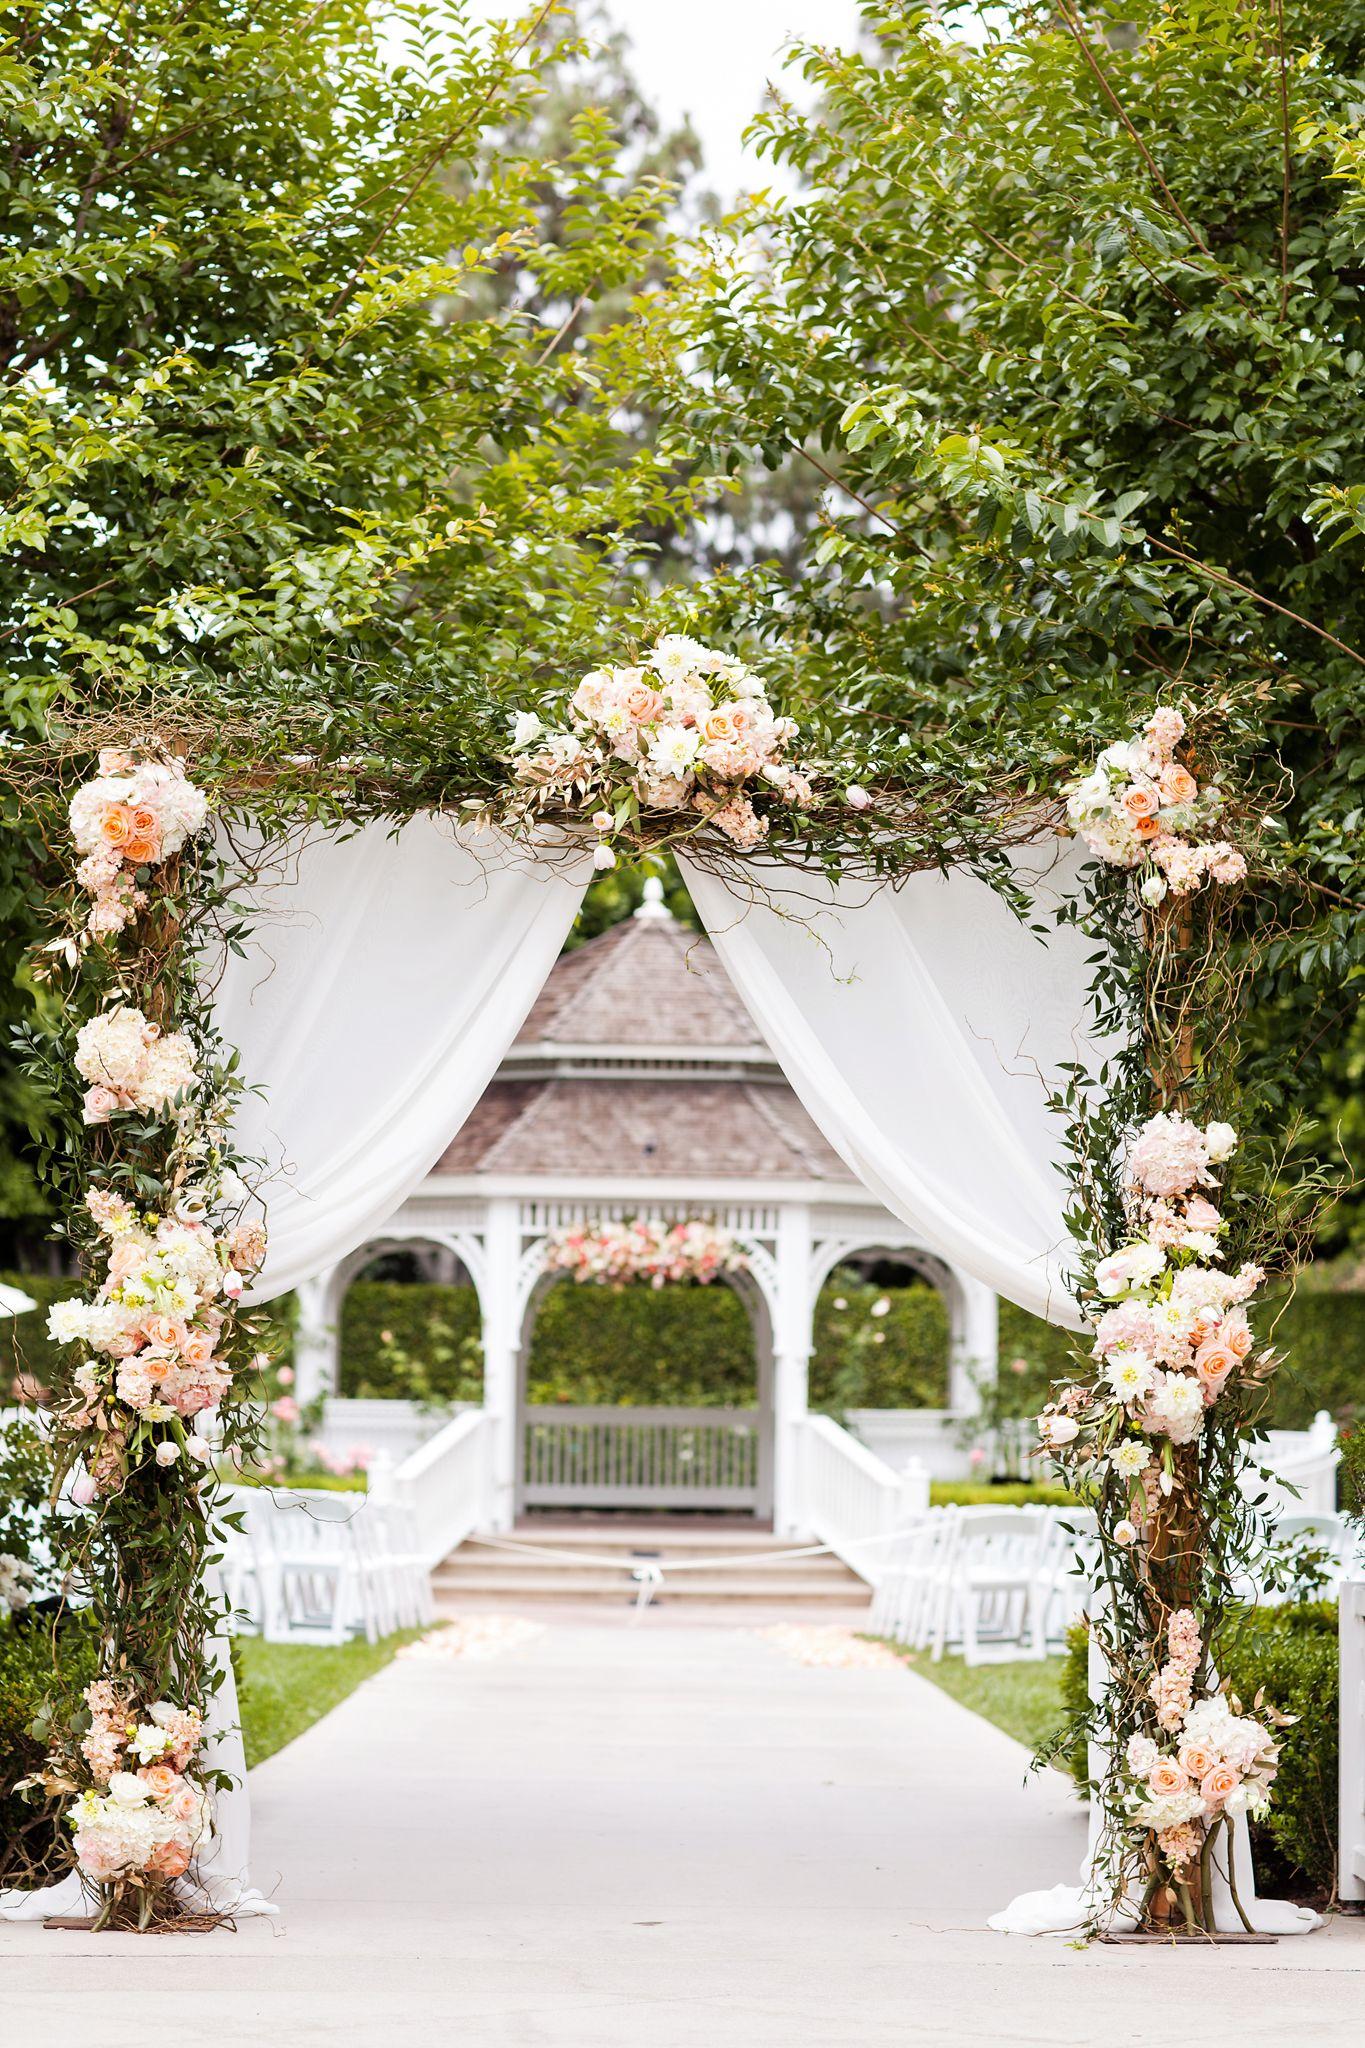 Such A Beautiful Wedding Venue Inlove With Disneyweddings Weddingideas Disneyweddingideas Fairytale Ideas Enchanting Arch Weddingflowers: Fairy Tale Wedding Venue At Websimilar.org